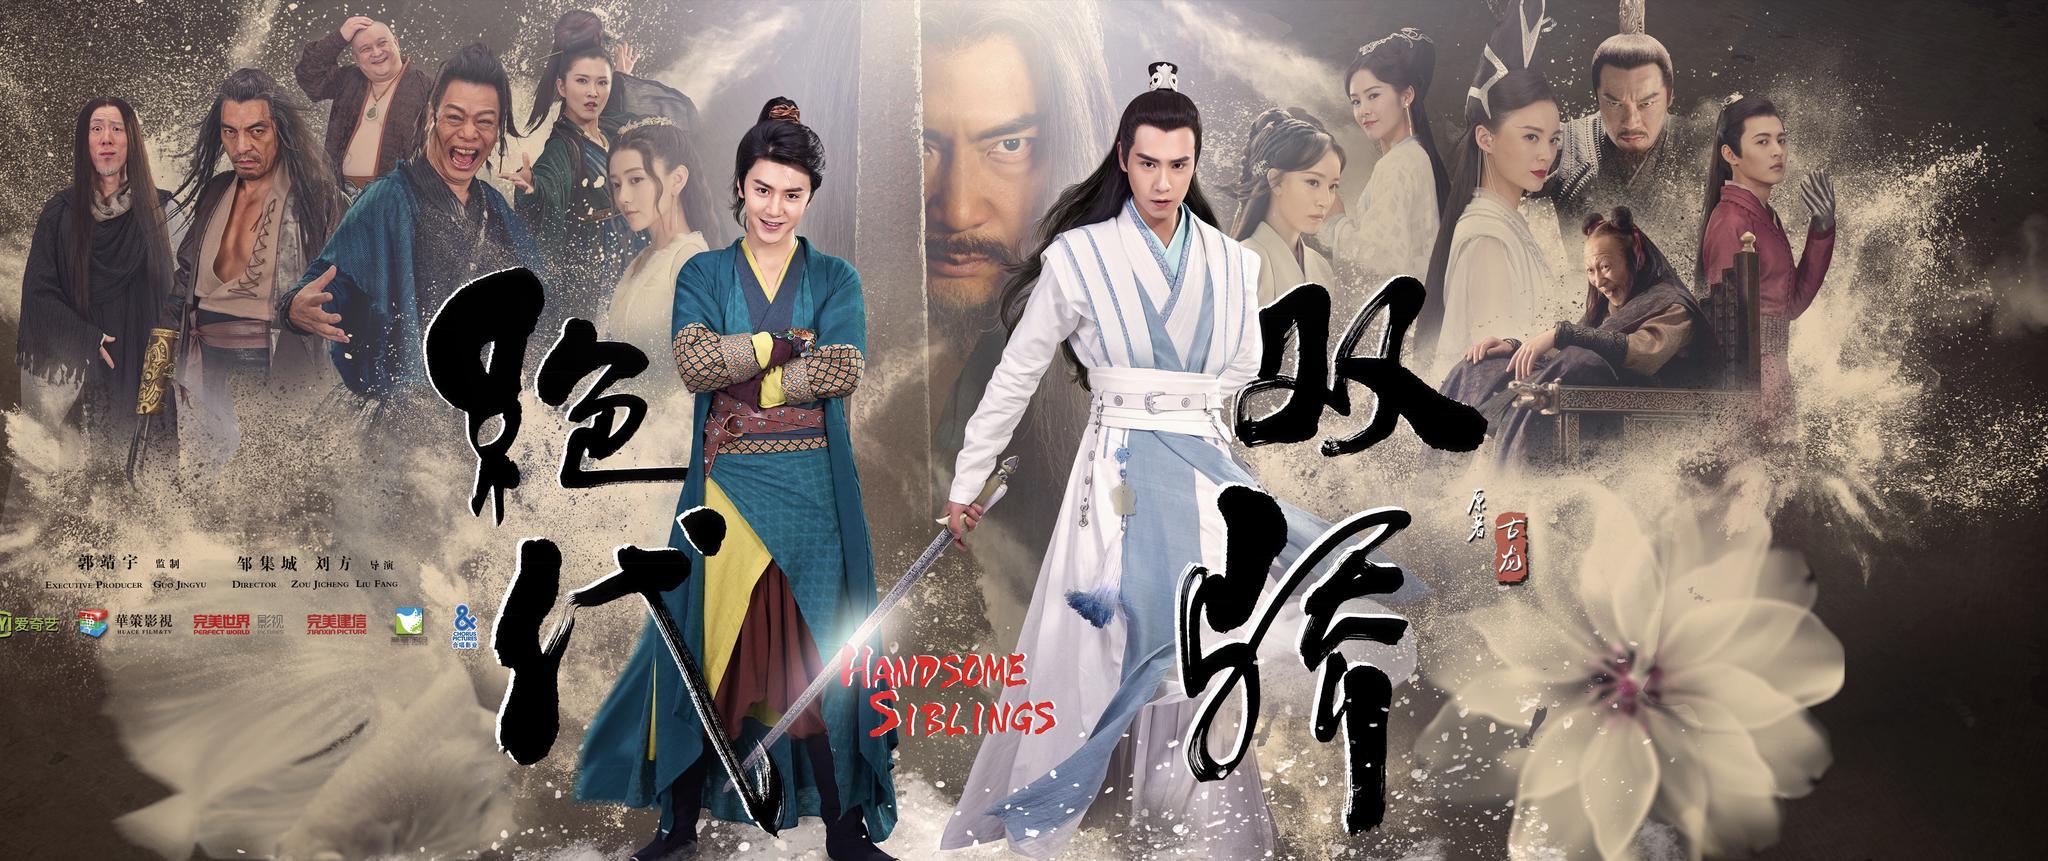 新版《绝代双骄》出了海报,没有刘海的胡一天被说不好看